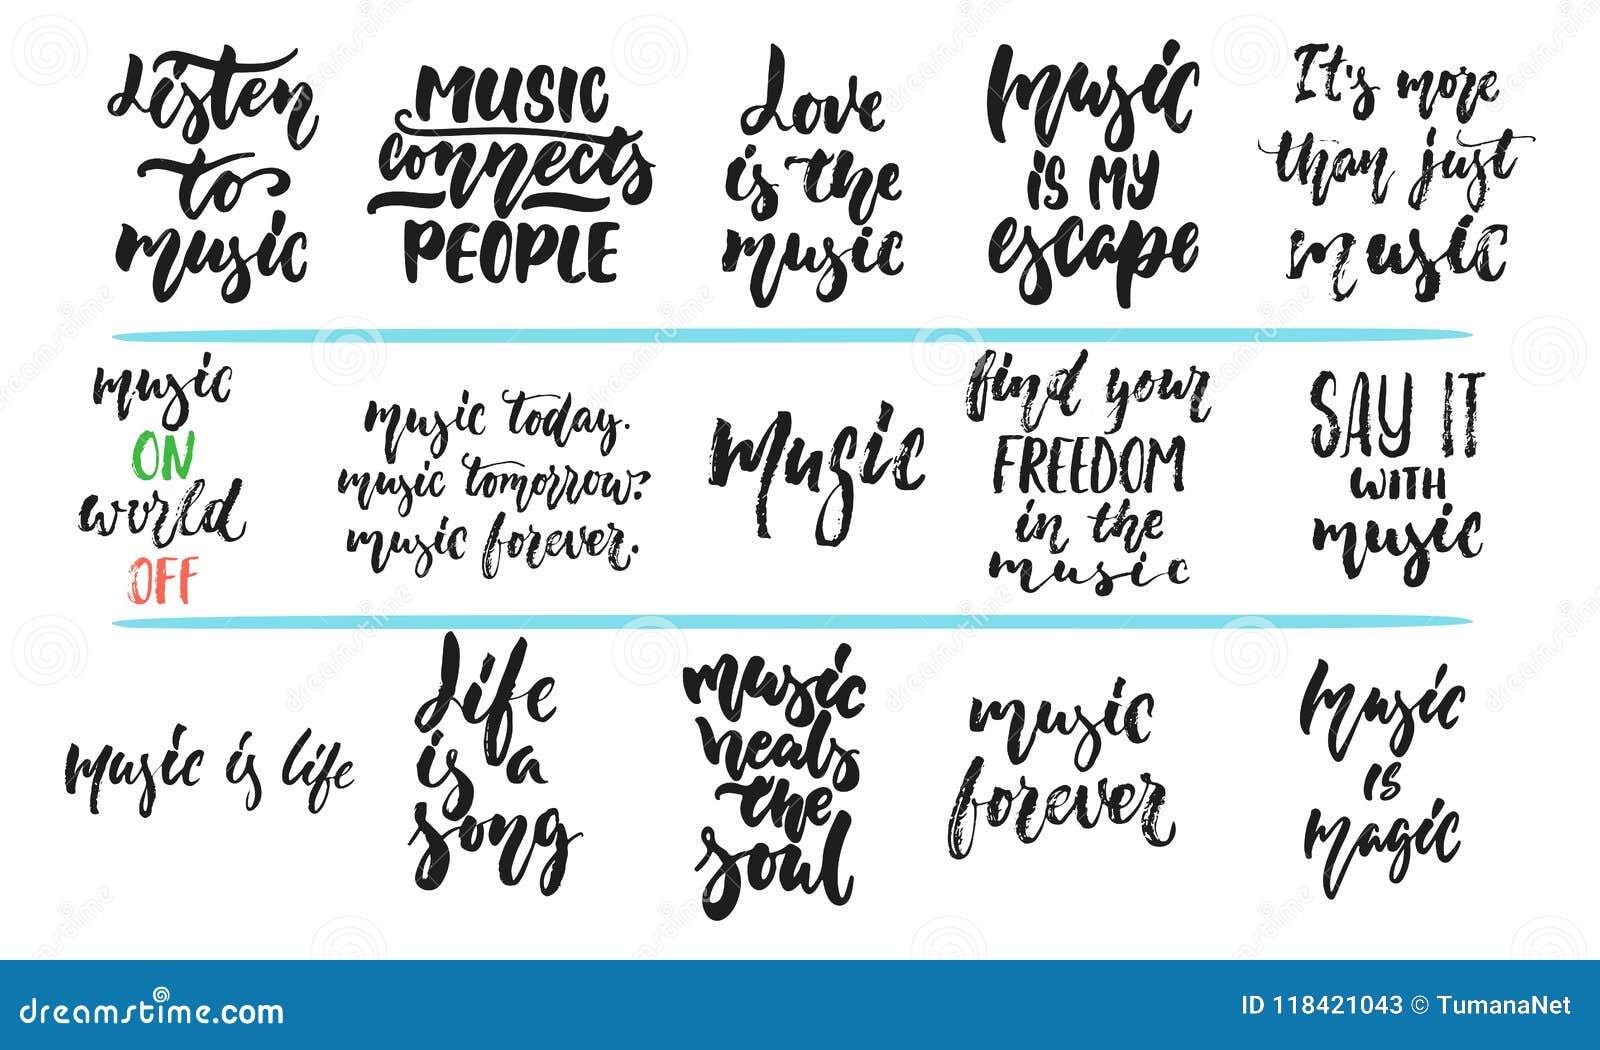 Sistema De La Mano Dibujado Poniendo Letras A Frase Sobre Música